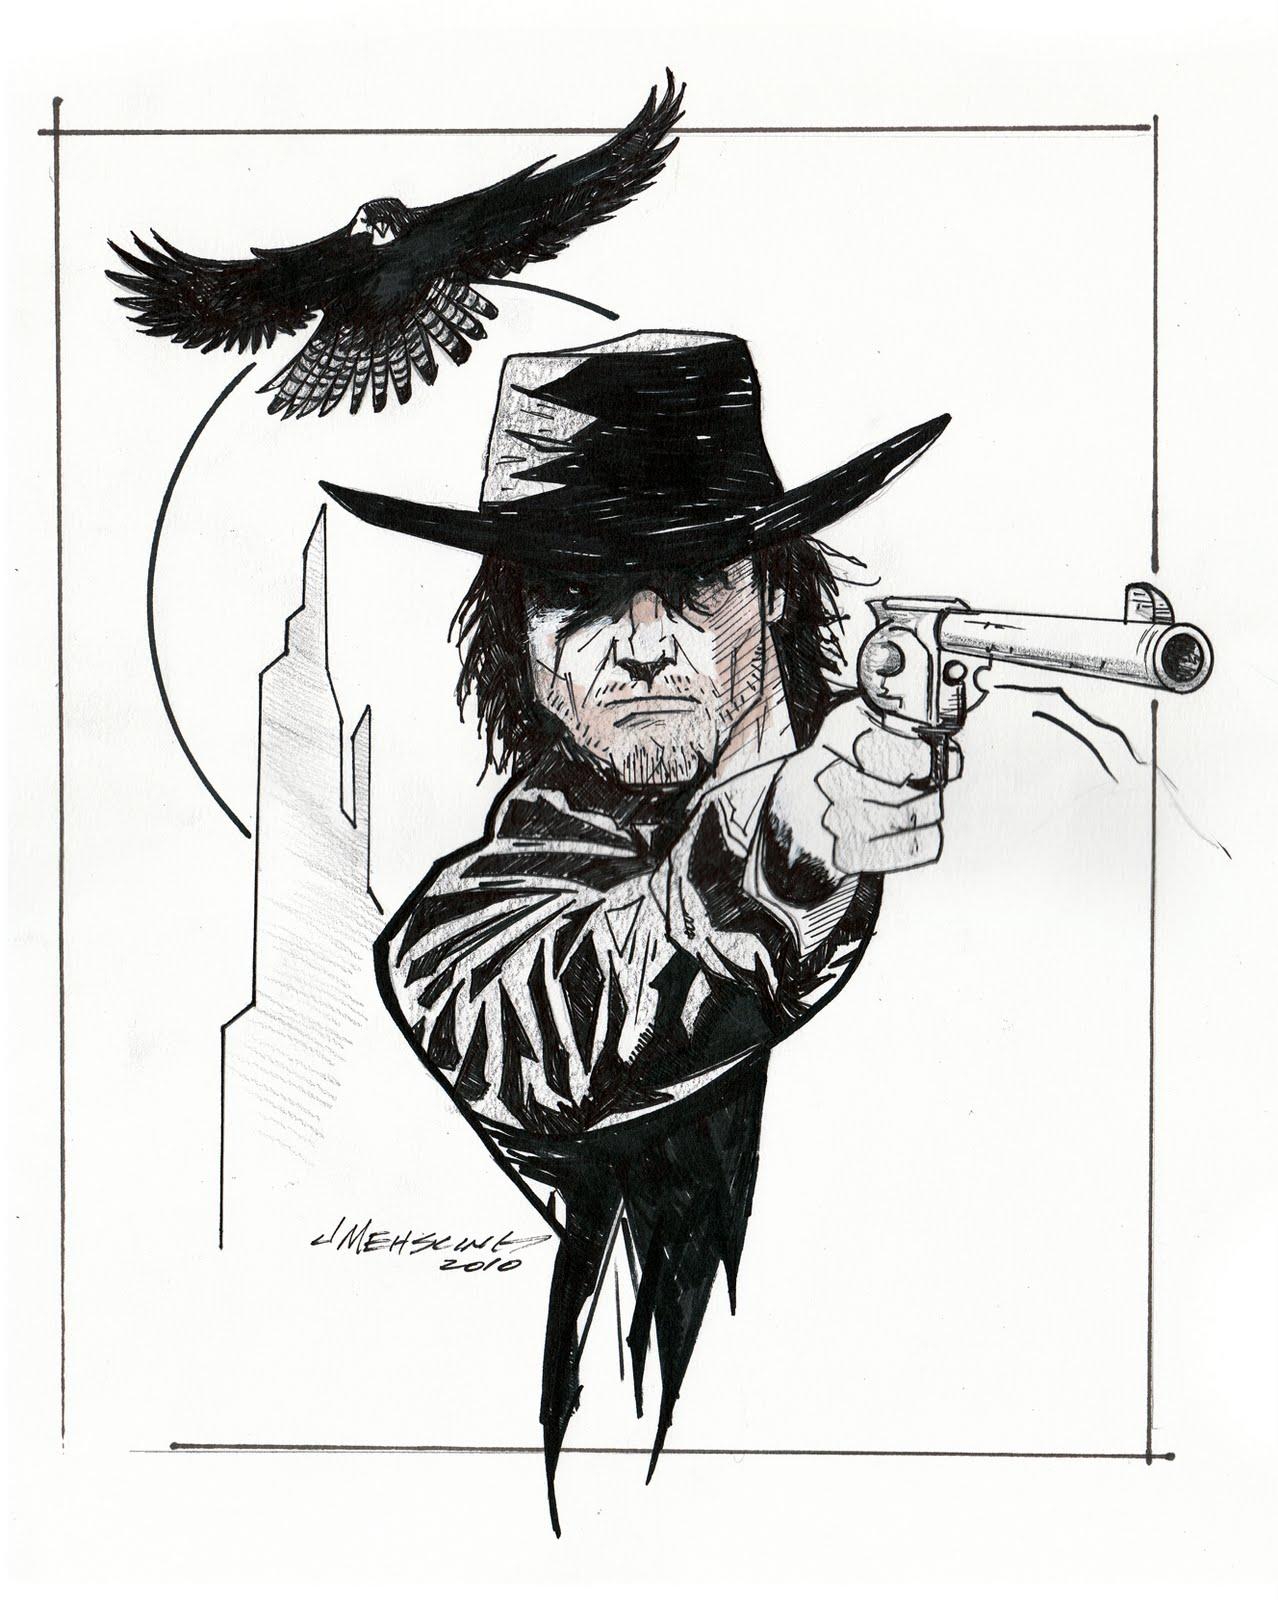 stephen king the gunslinger wallpaper wallpapersafari